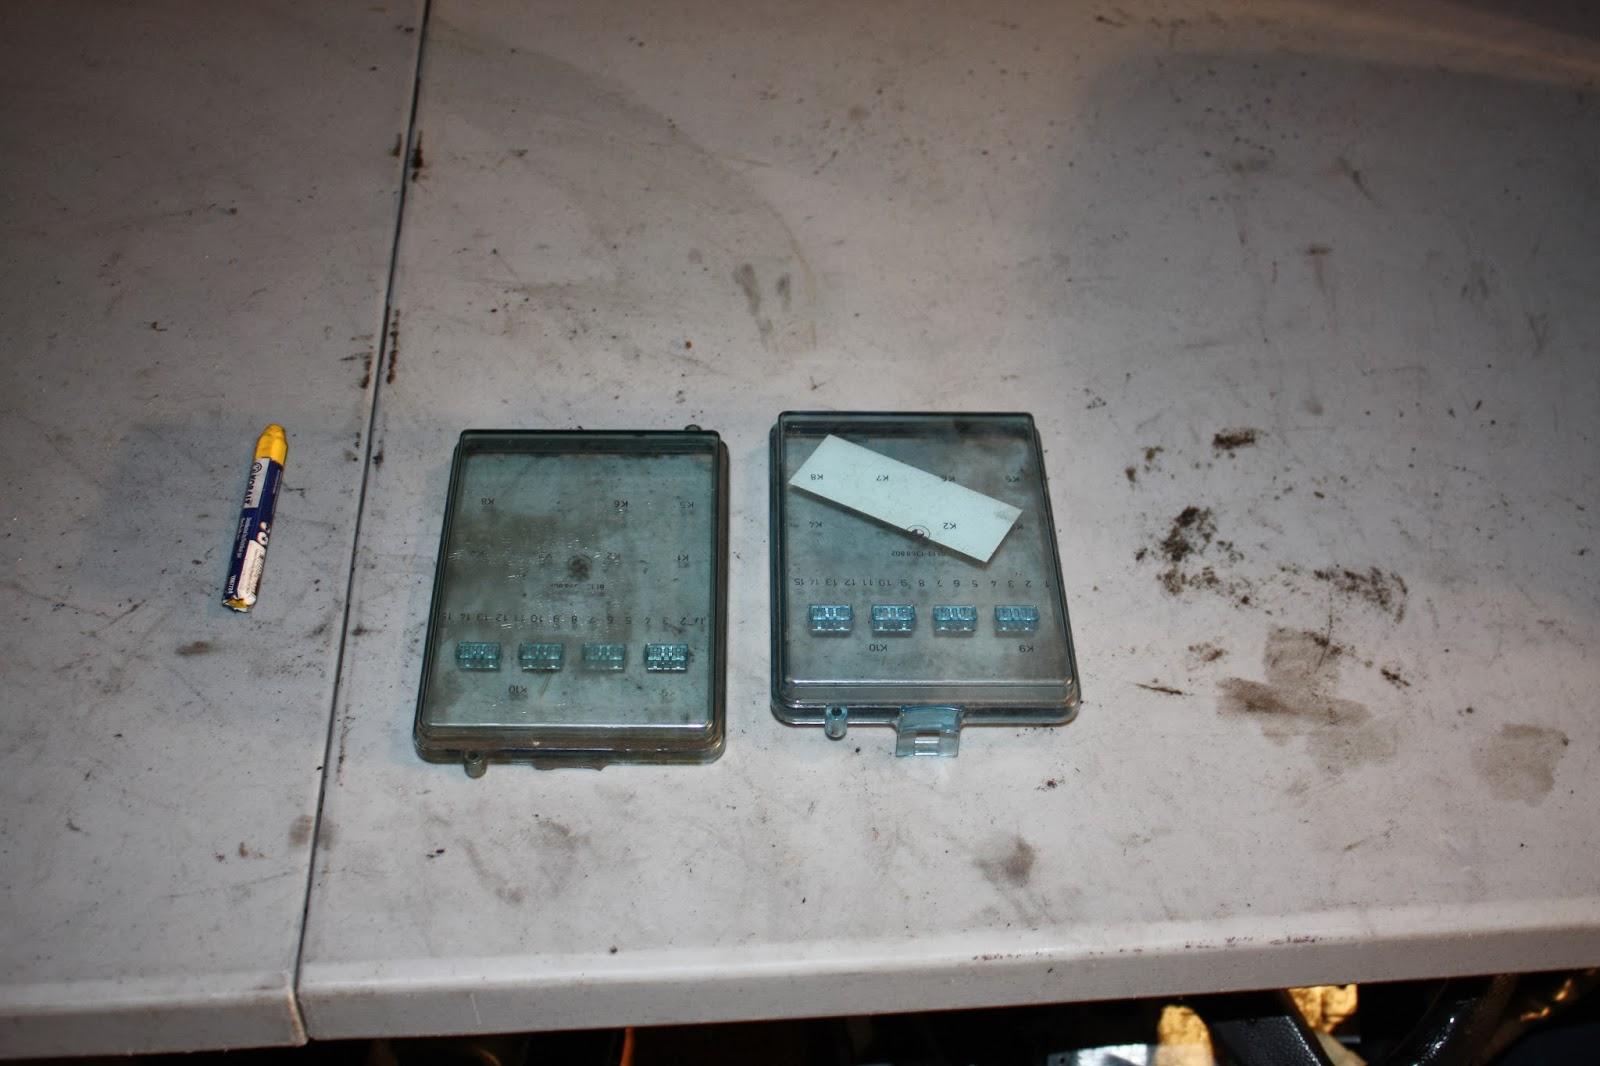 E30 Fuse Box Cover - $19